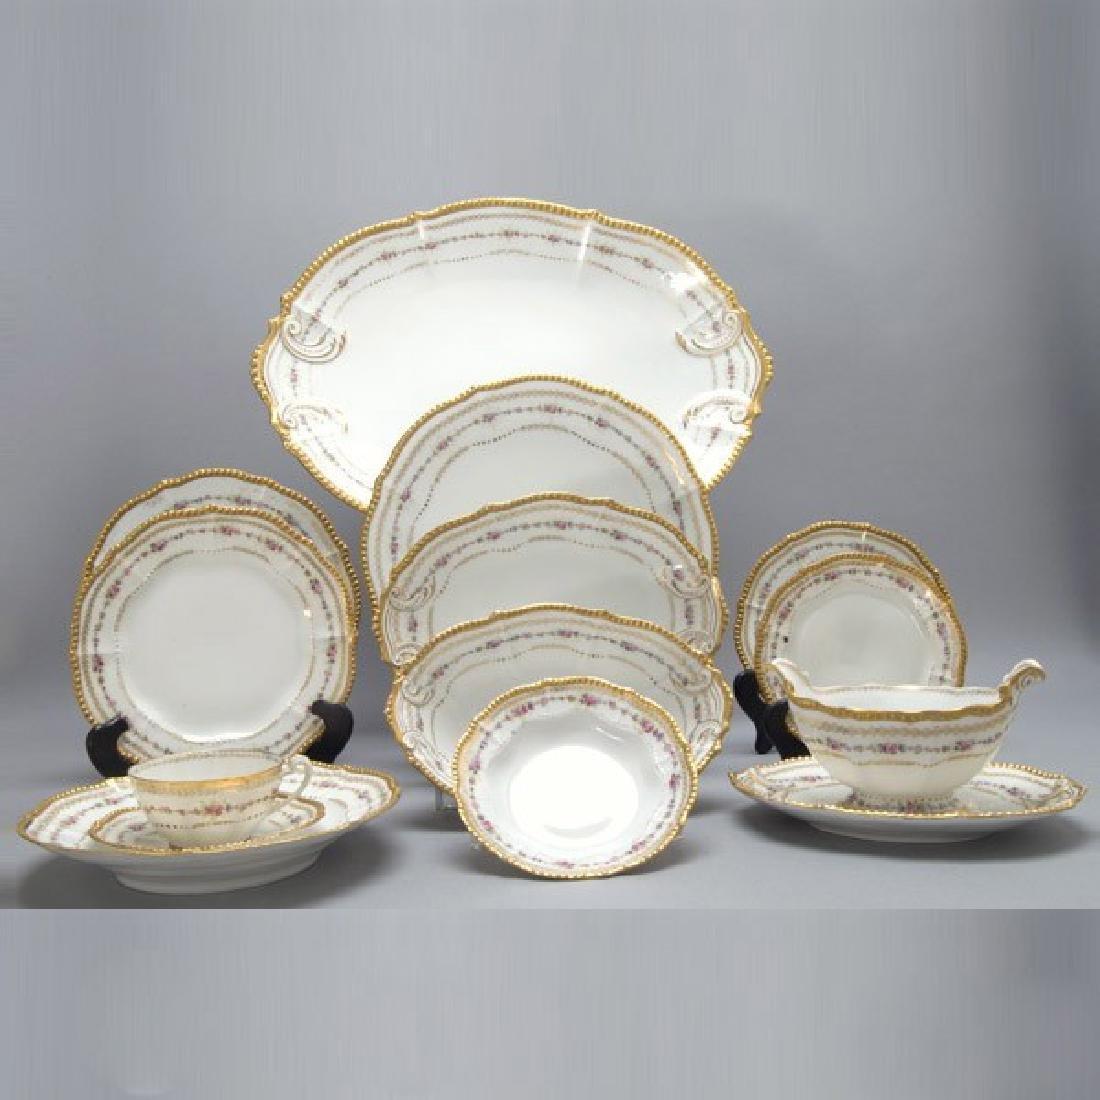 Elite Limoges Porcelain Partial Dinner Service